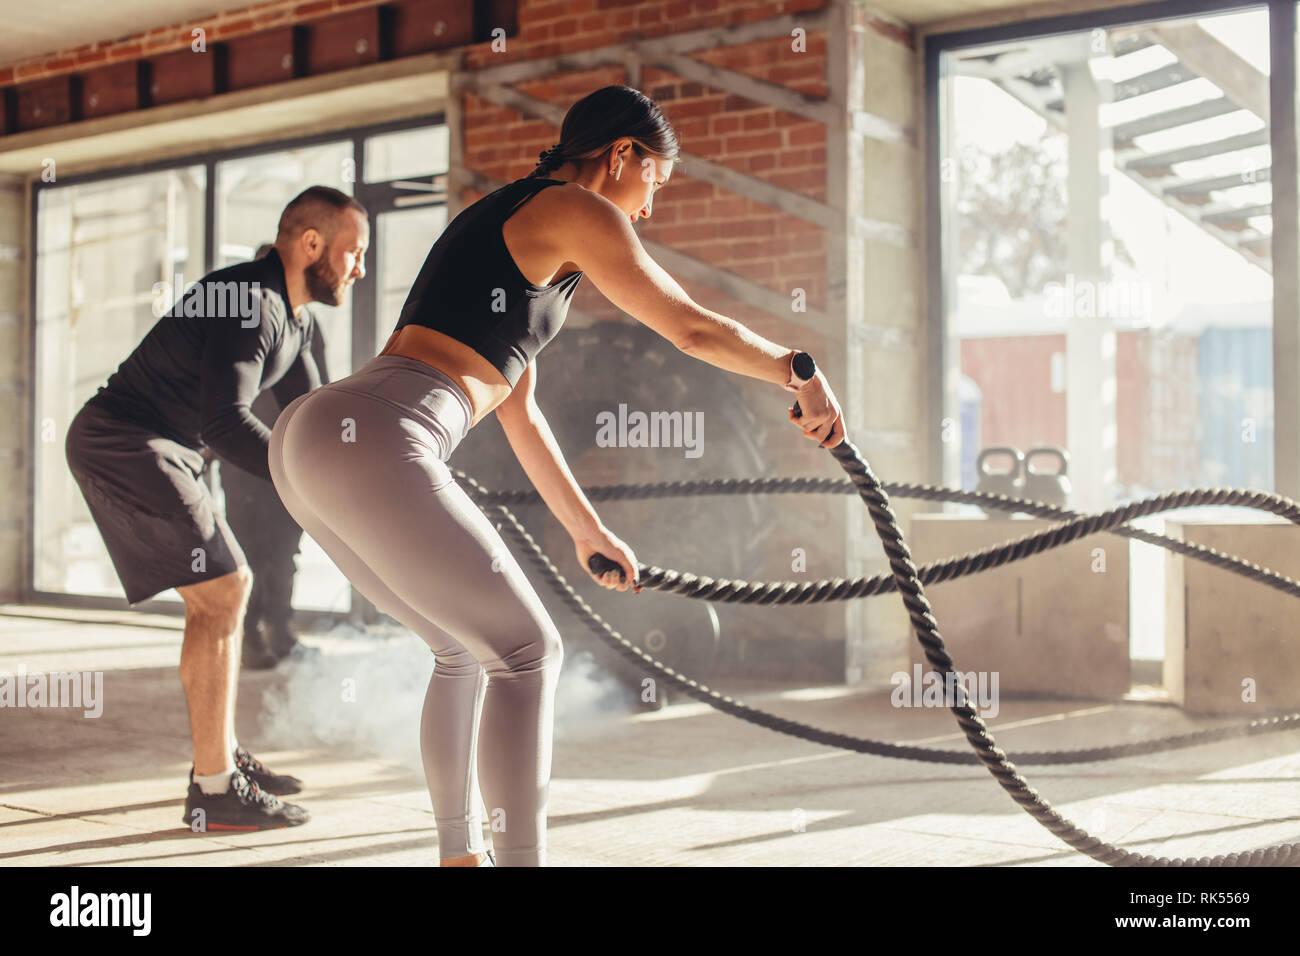 Caucasian couple fit l'exercice avec des cordes à la bataille de sport. Femme et homme habillé en tenue de sport formation ensemble faisant combattre corde d'entraînement, avec p Banque D'Images